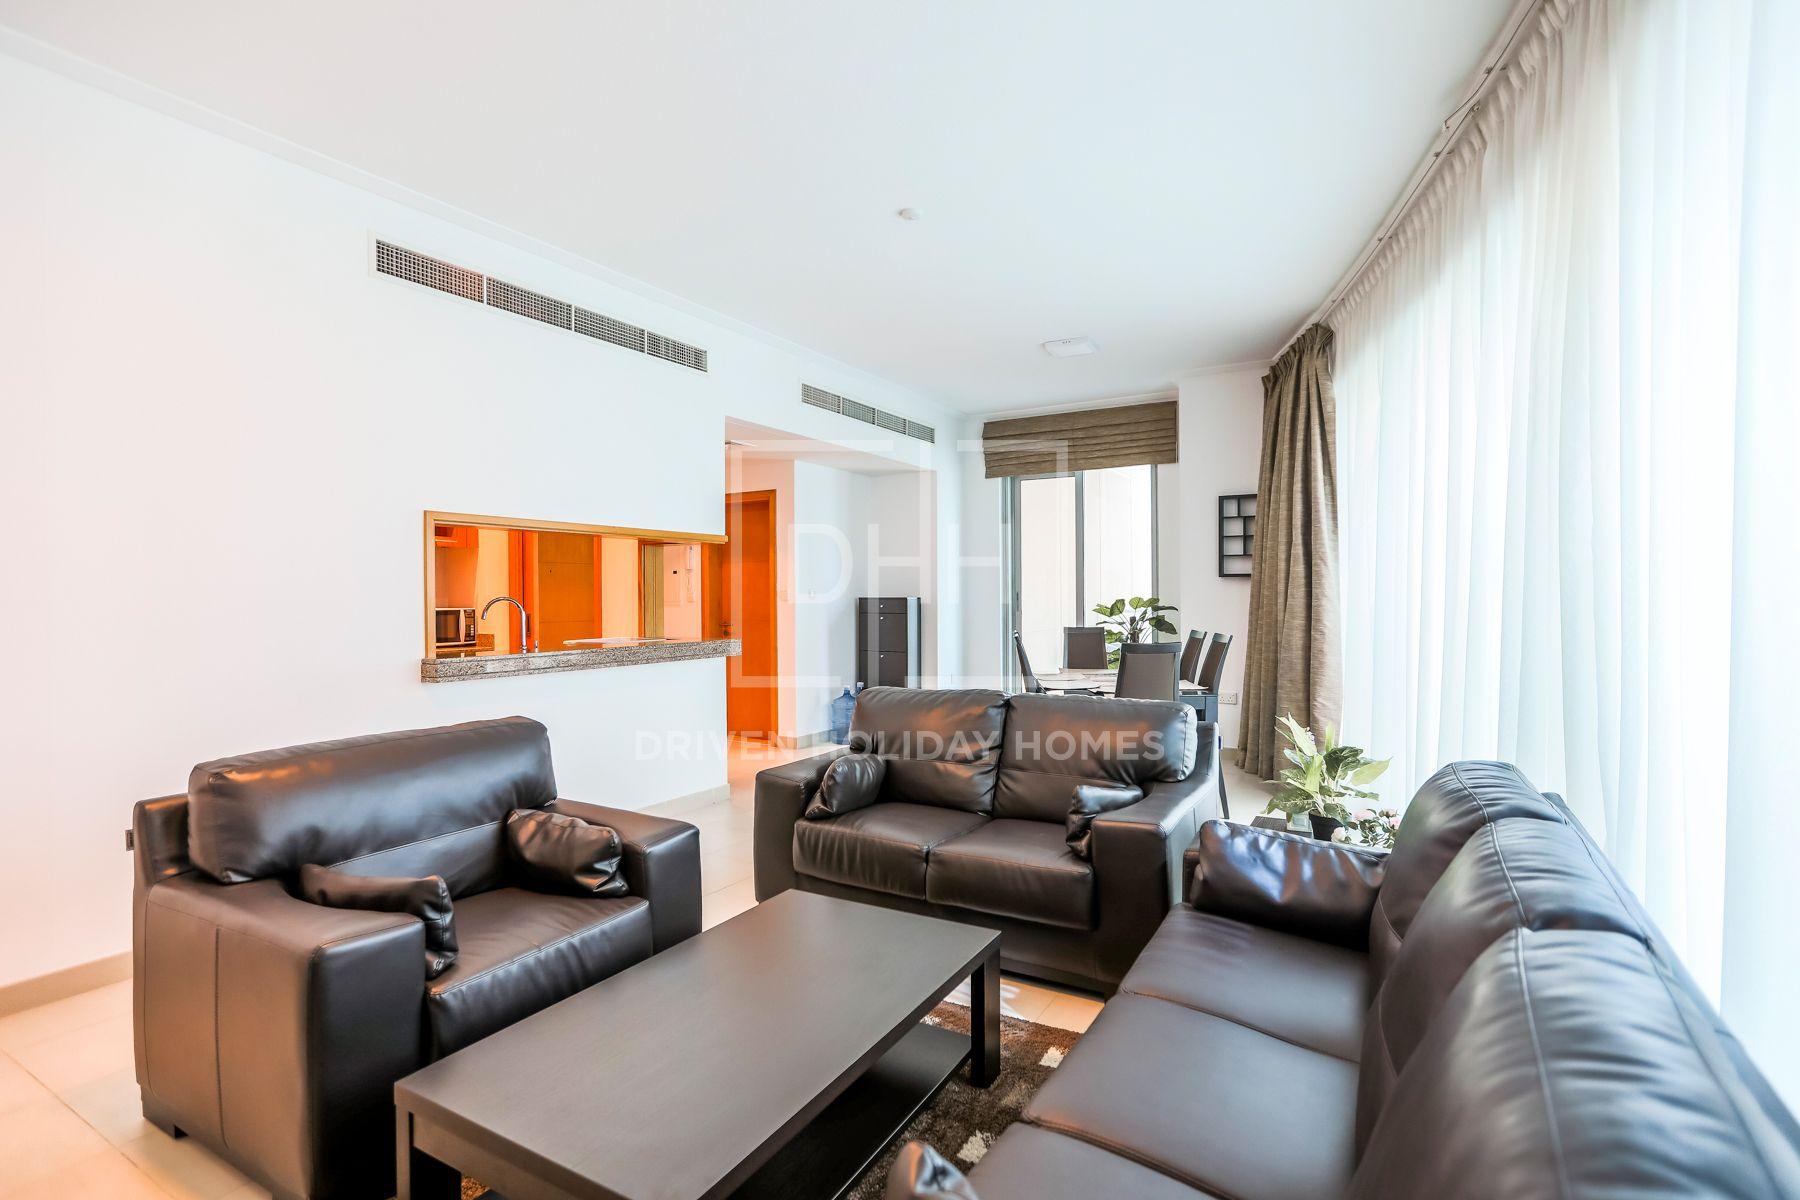 1,002 قدم مربع  شقة - للايجار - دبي مارينا